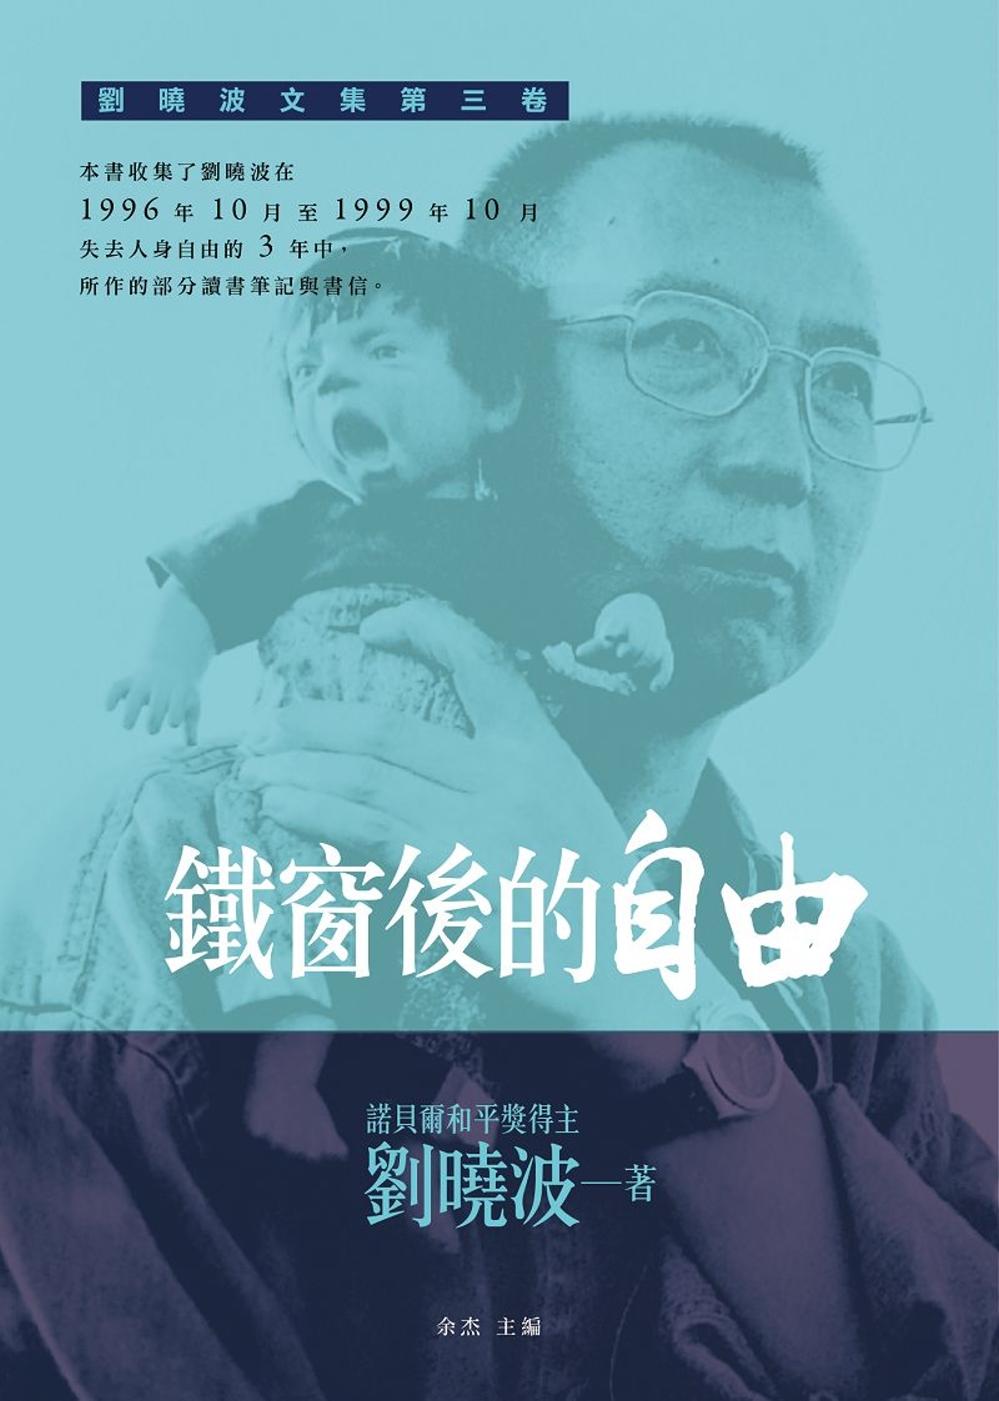 鐵窗後的自由:劉曉波文集第三卷